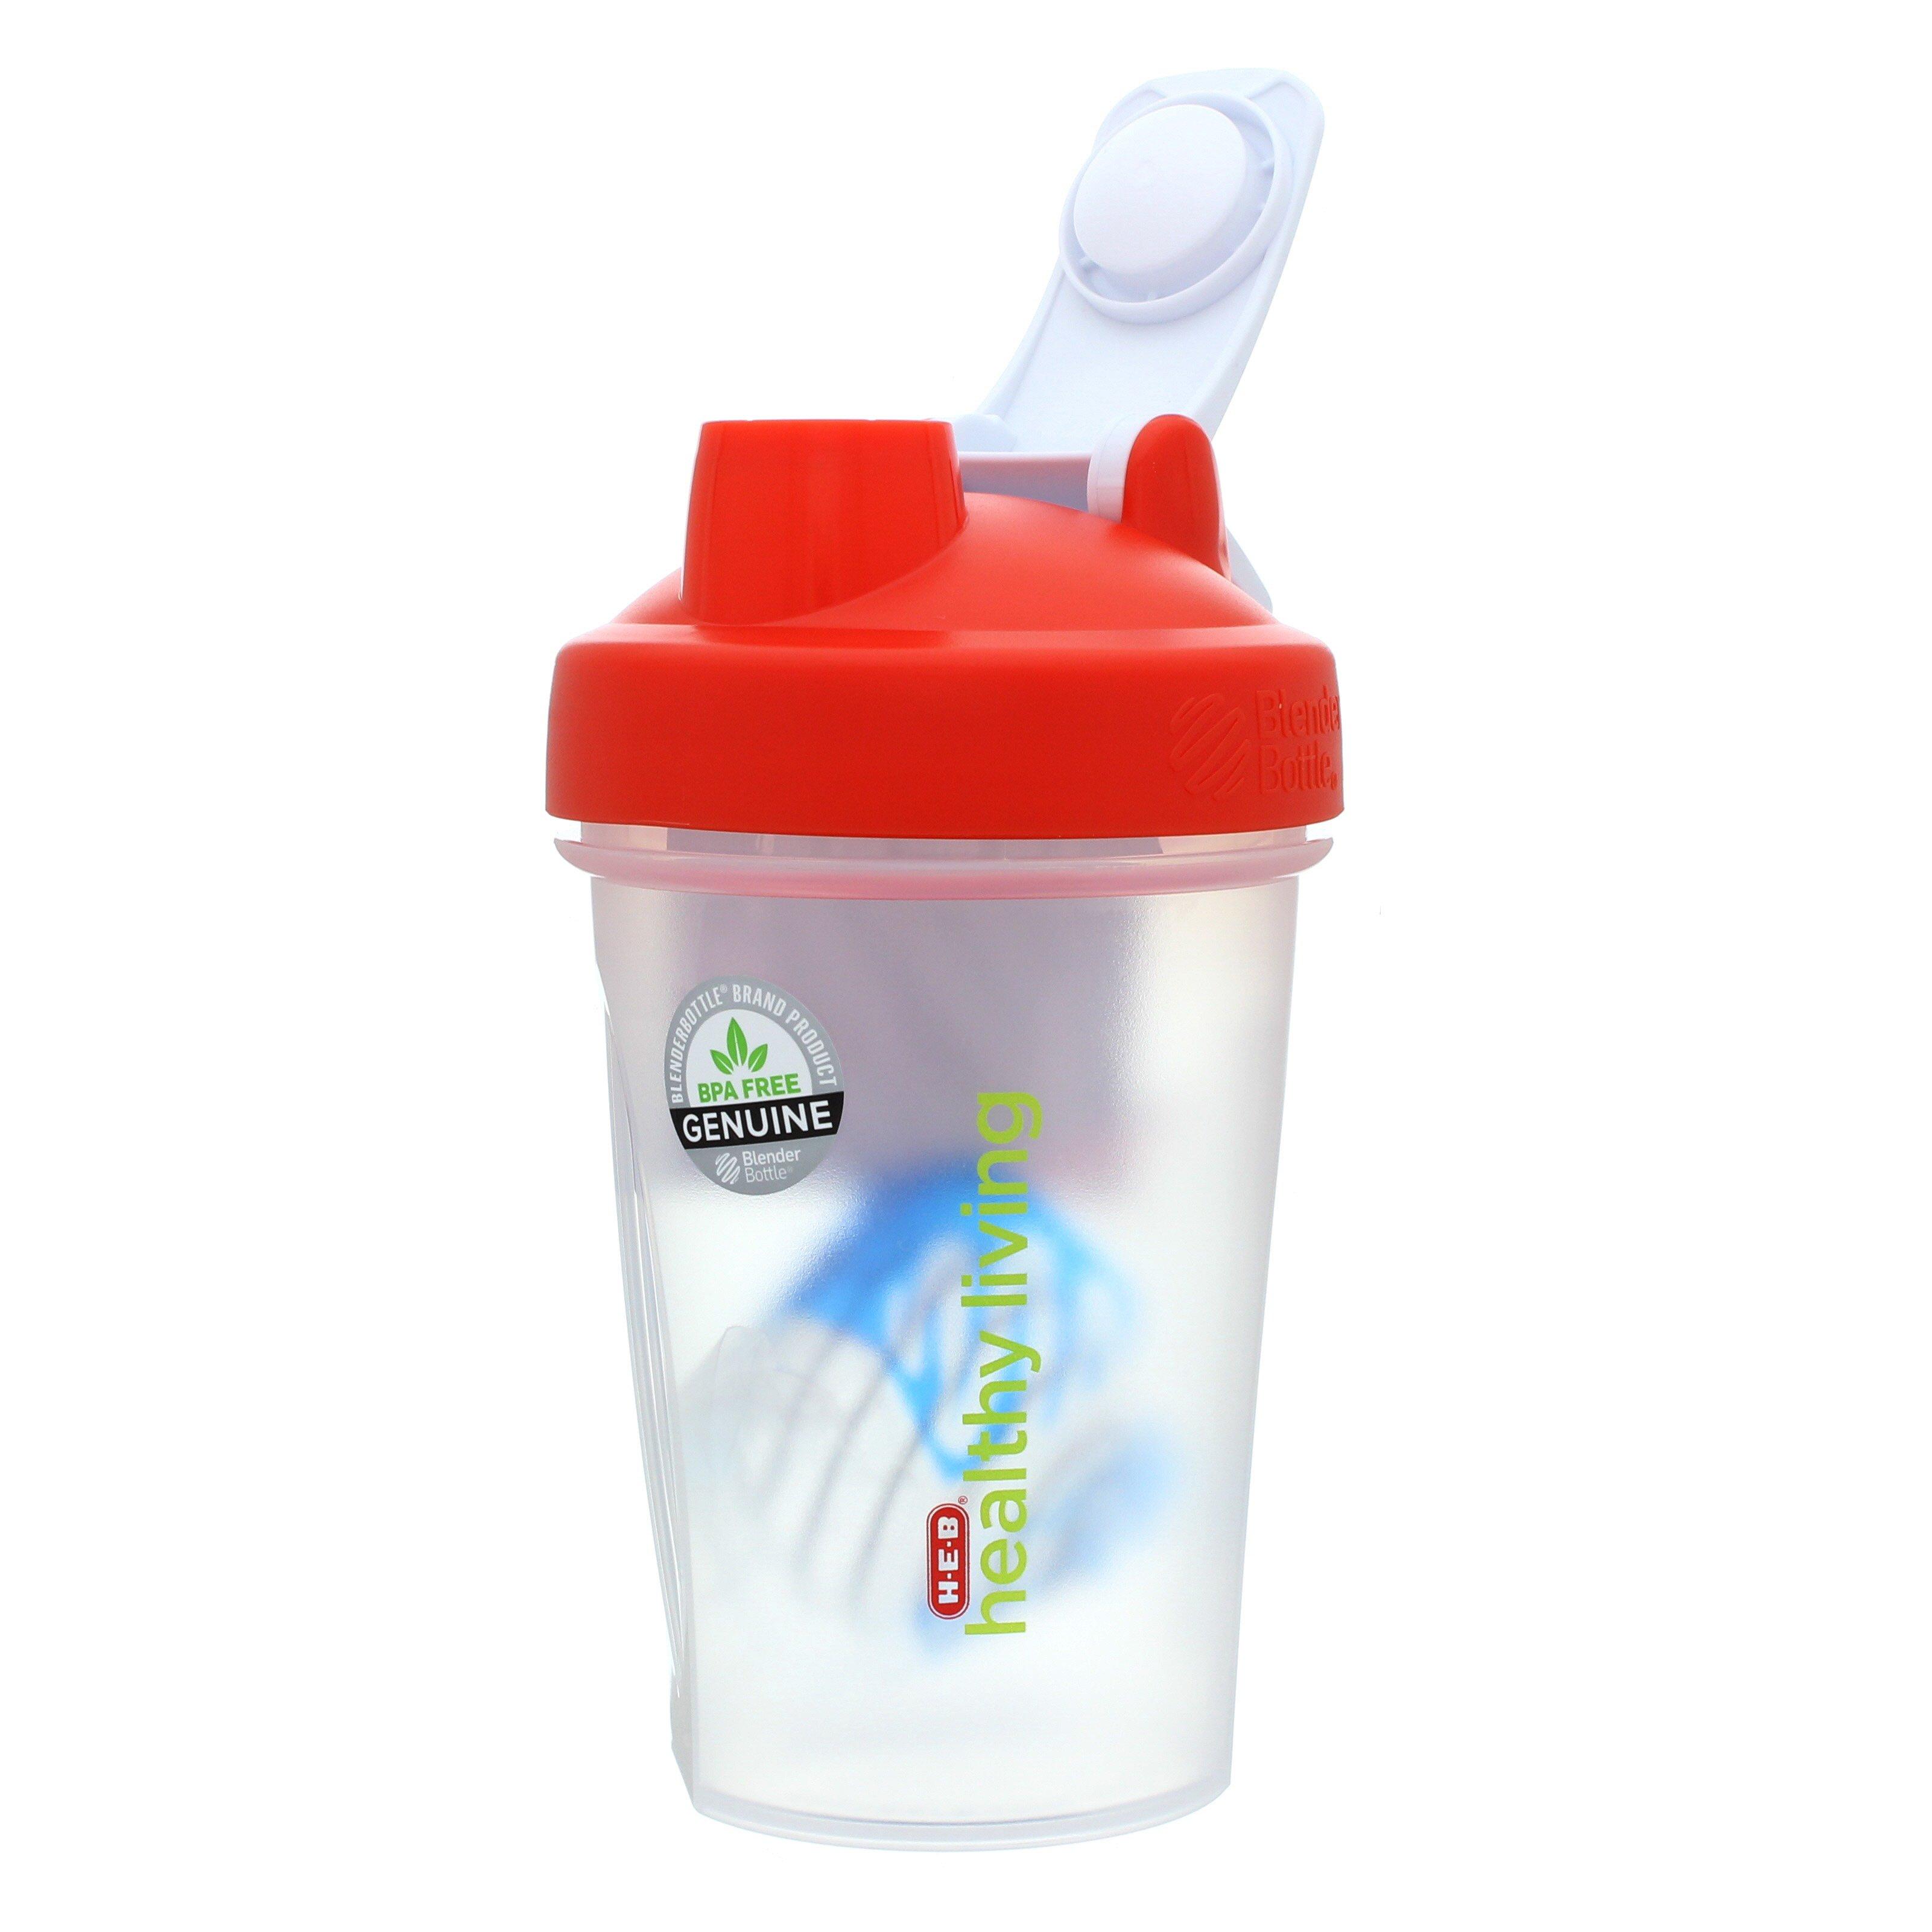 H-E-B Healthy Living BlenderBottle Shaker Bottle - Shop Travel ...